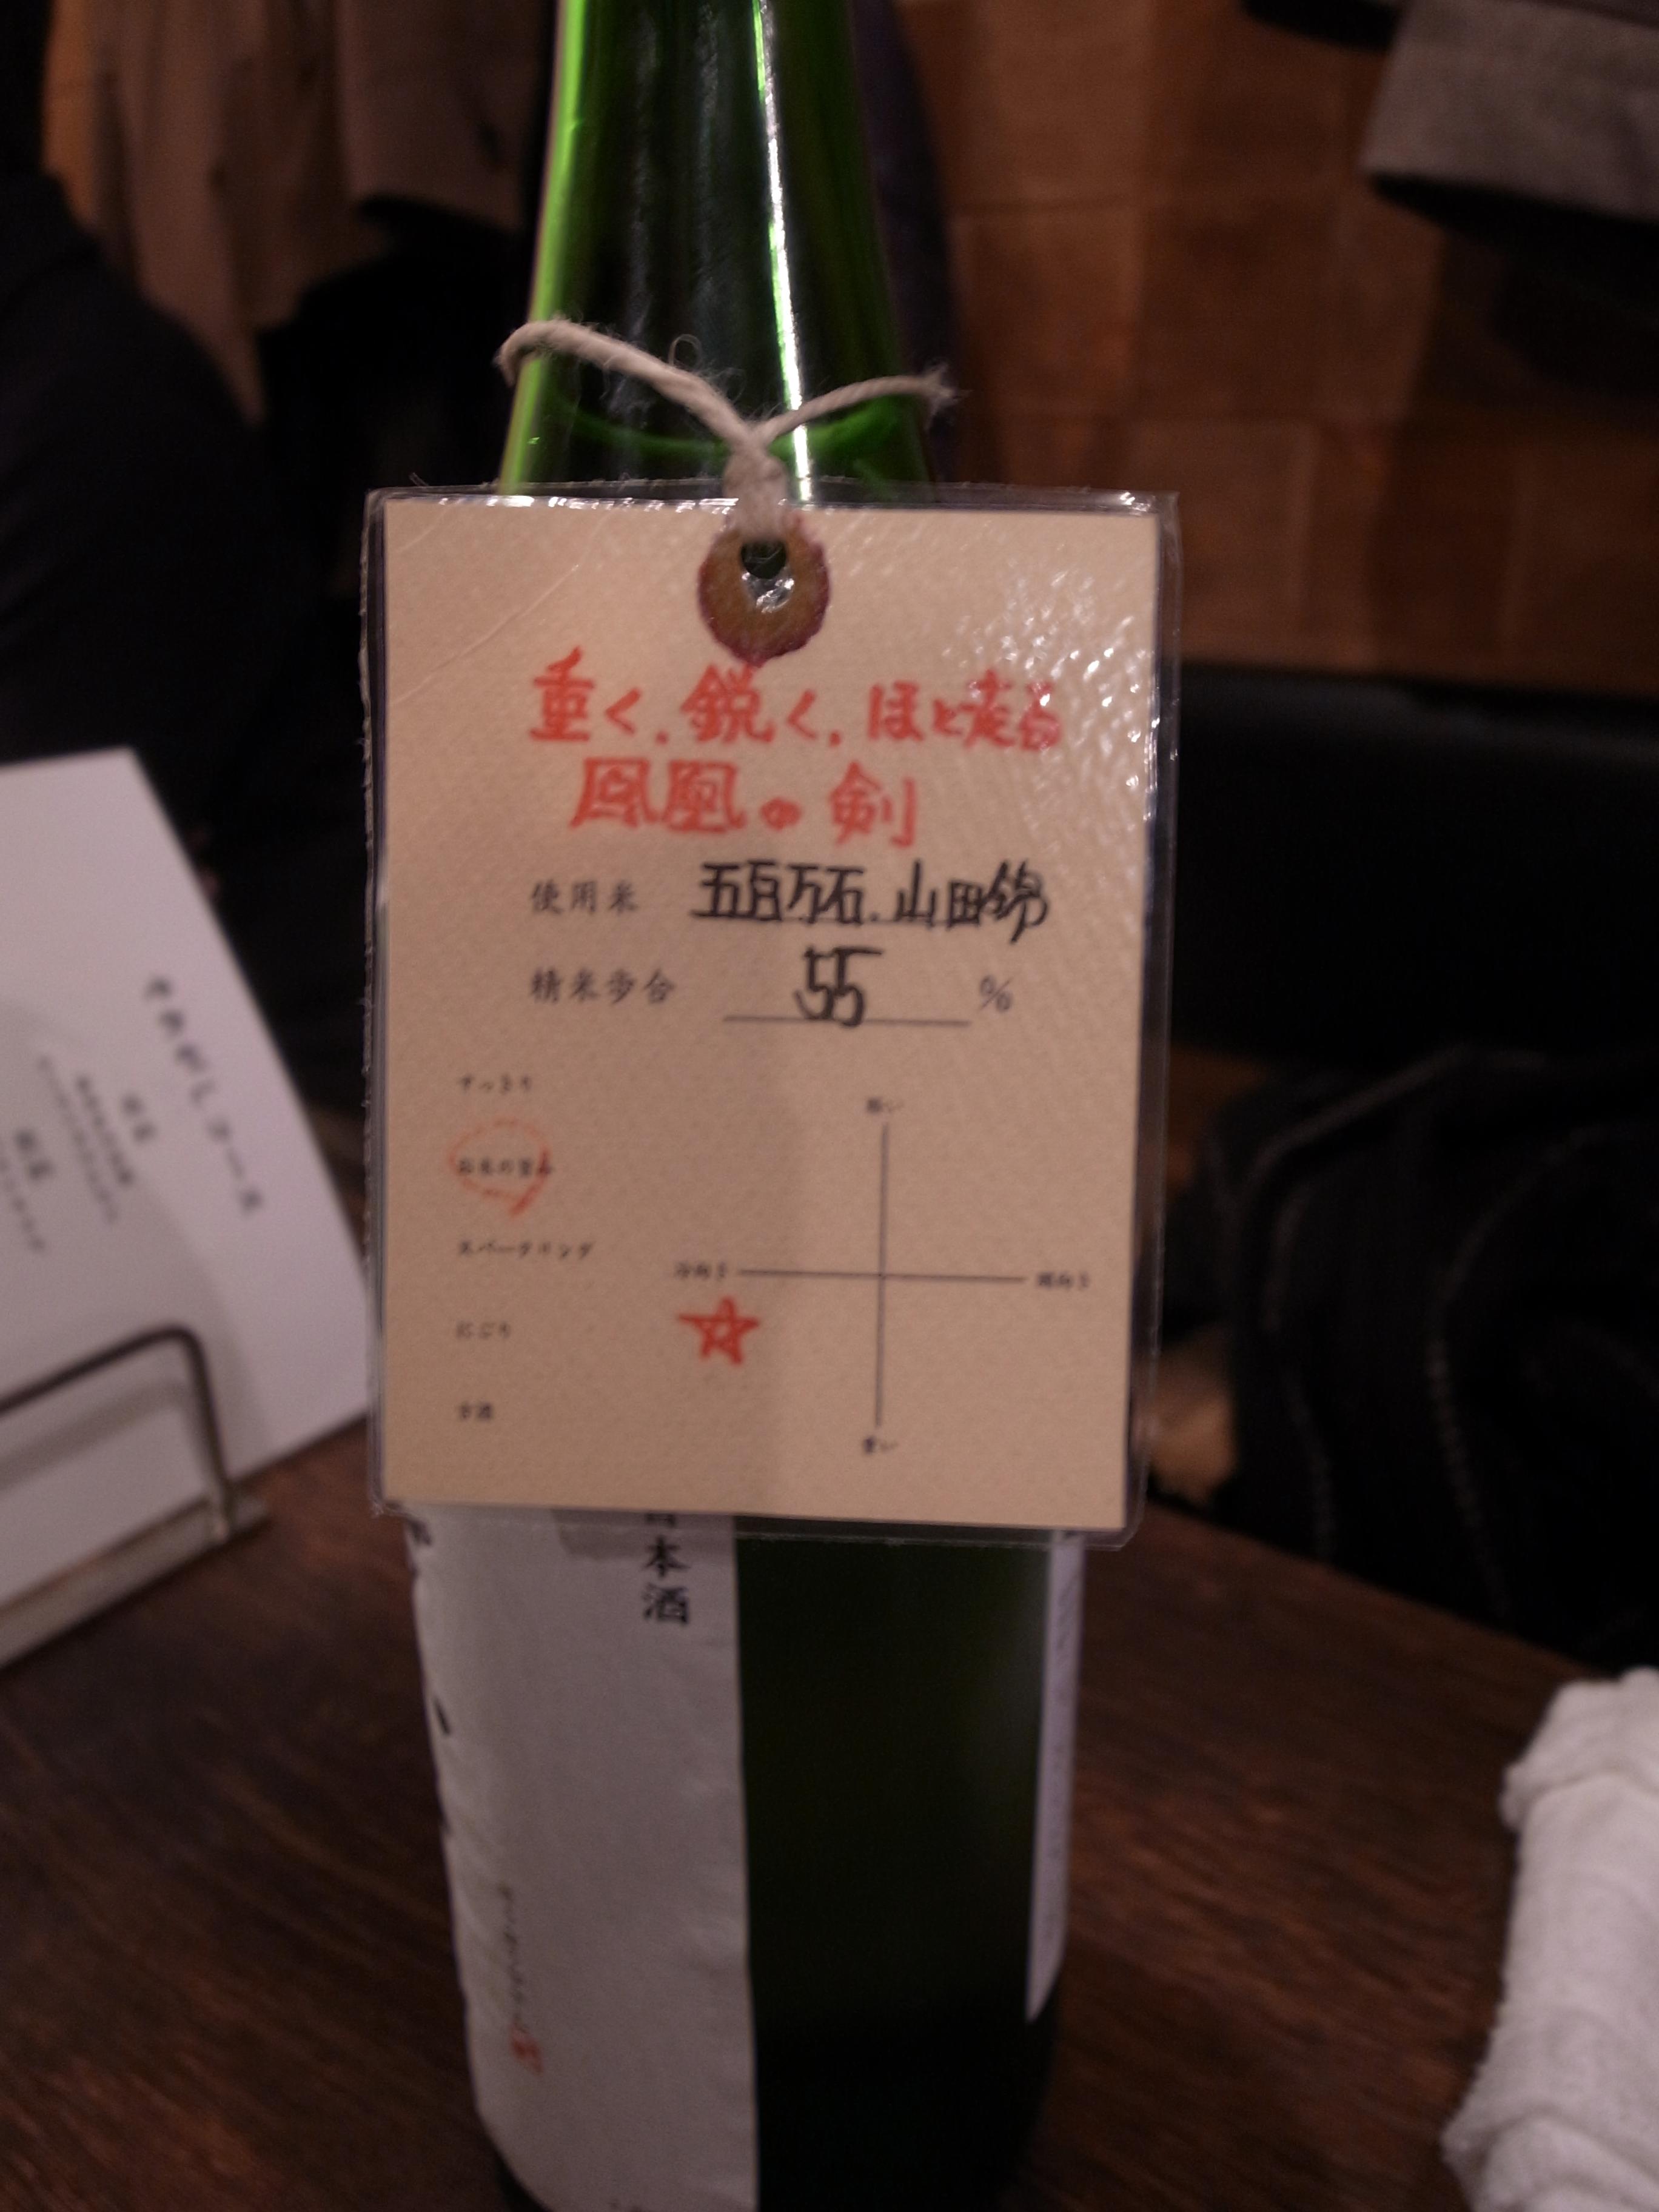 山手線沿いの日本酒がおいしい居酒屋:五反田「酒場それがし」 (10)